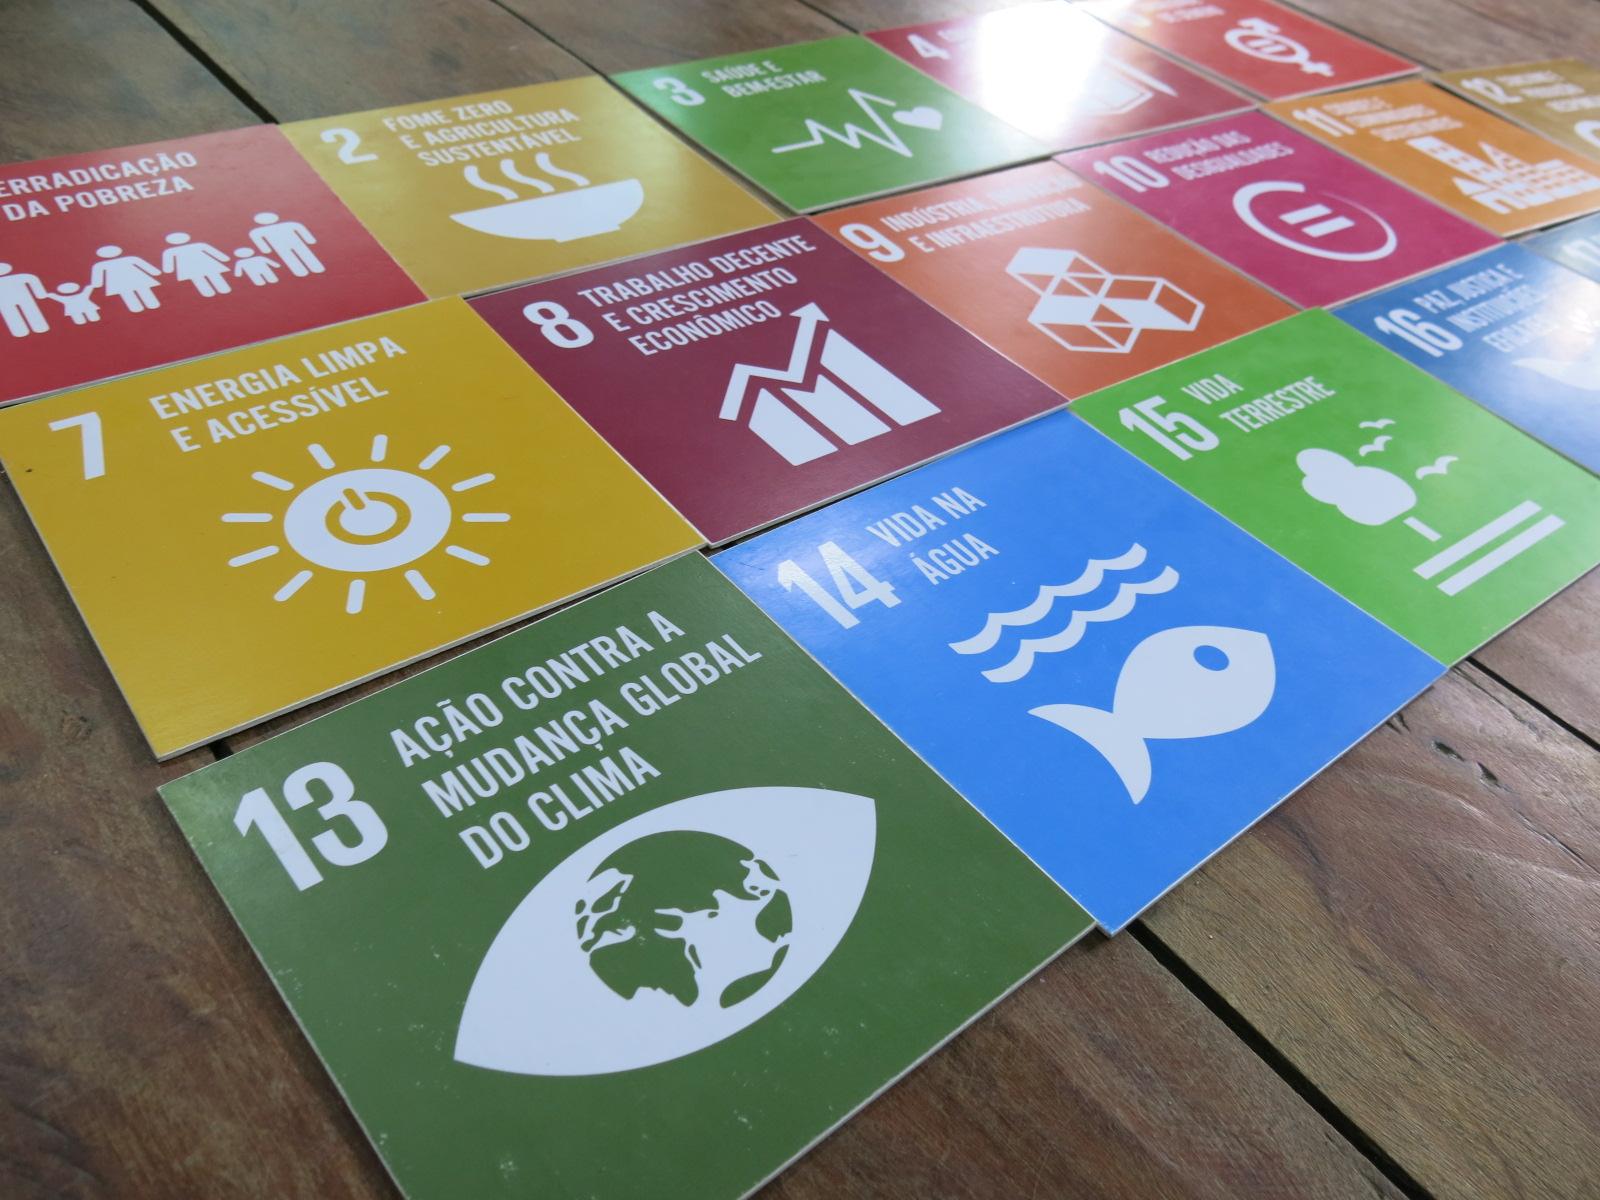 Nuevo informe muestra cómo la COVID-19 revirtió avances en los Objetivos de Desarrollo Sostenible de la ONU, y llama a una mayor capacidad fiscal en los países en desarrollo